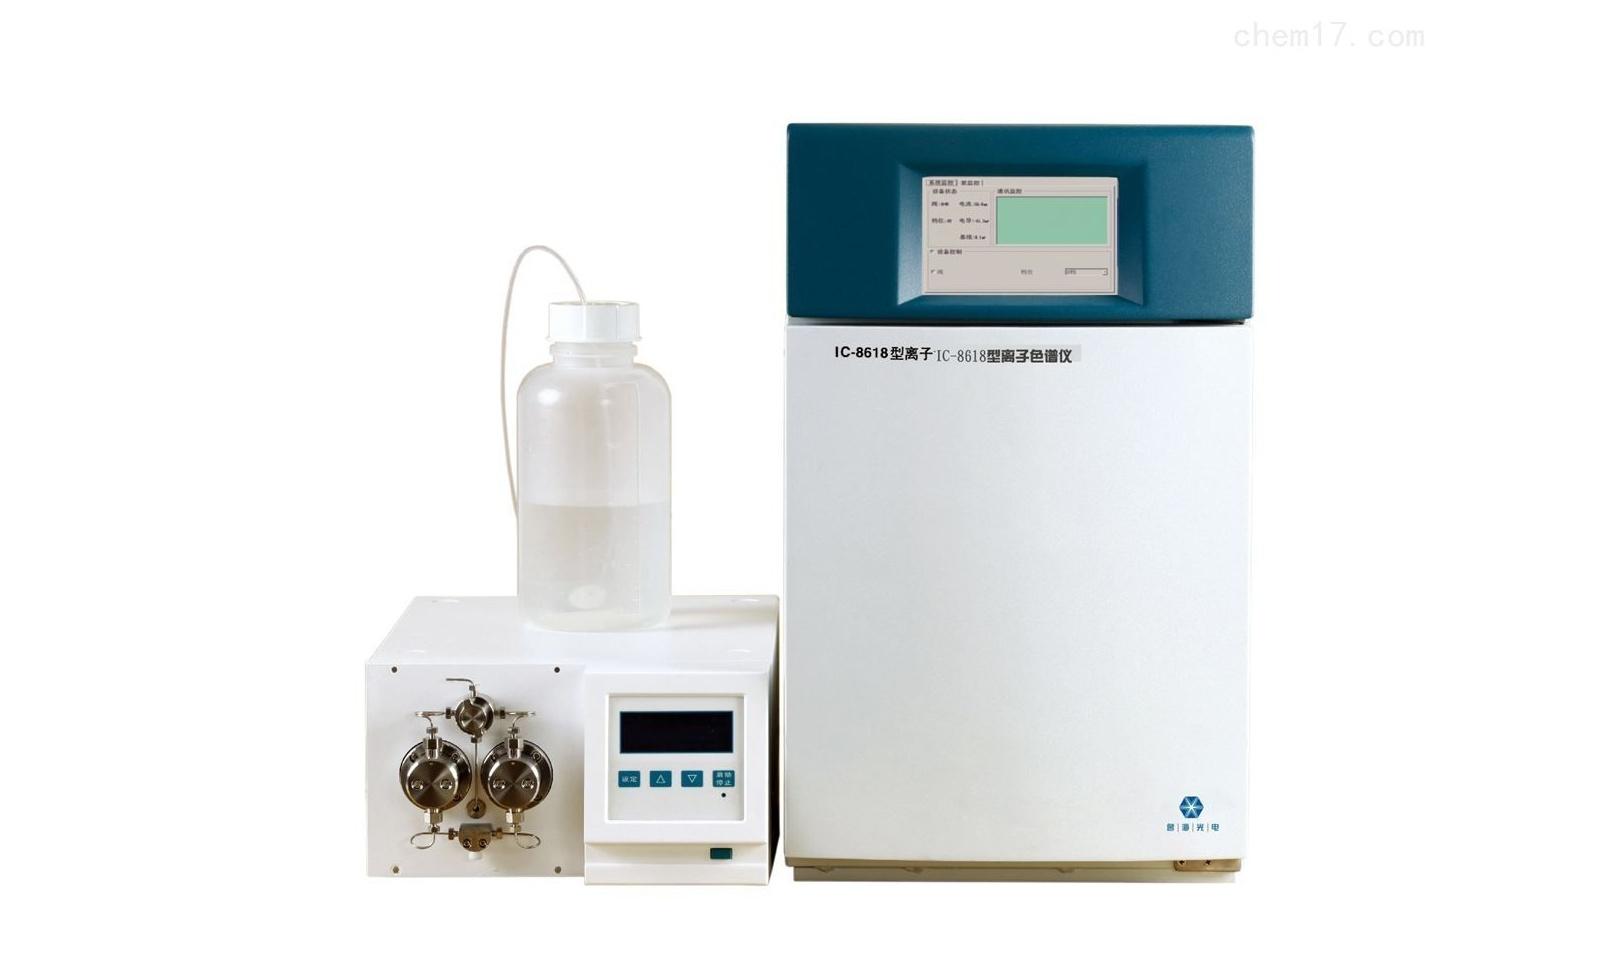 阳江市疾病预防控制中心离子色谱仪等仪器设备采购项目招标